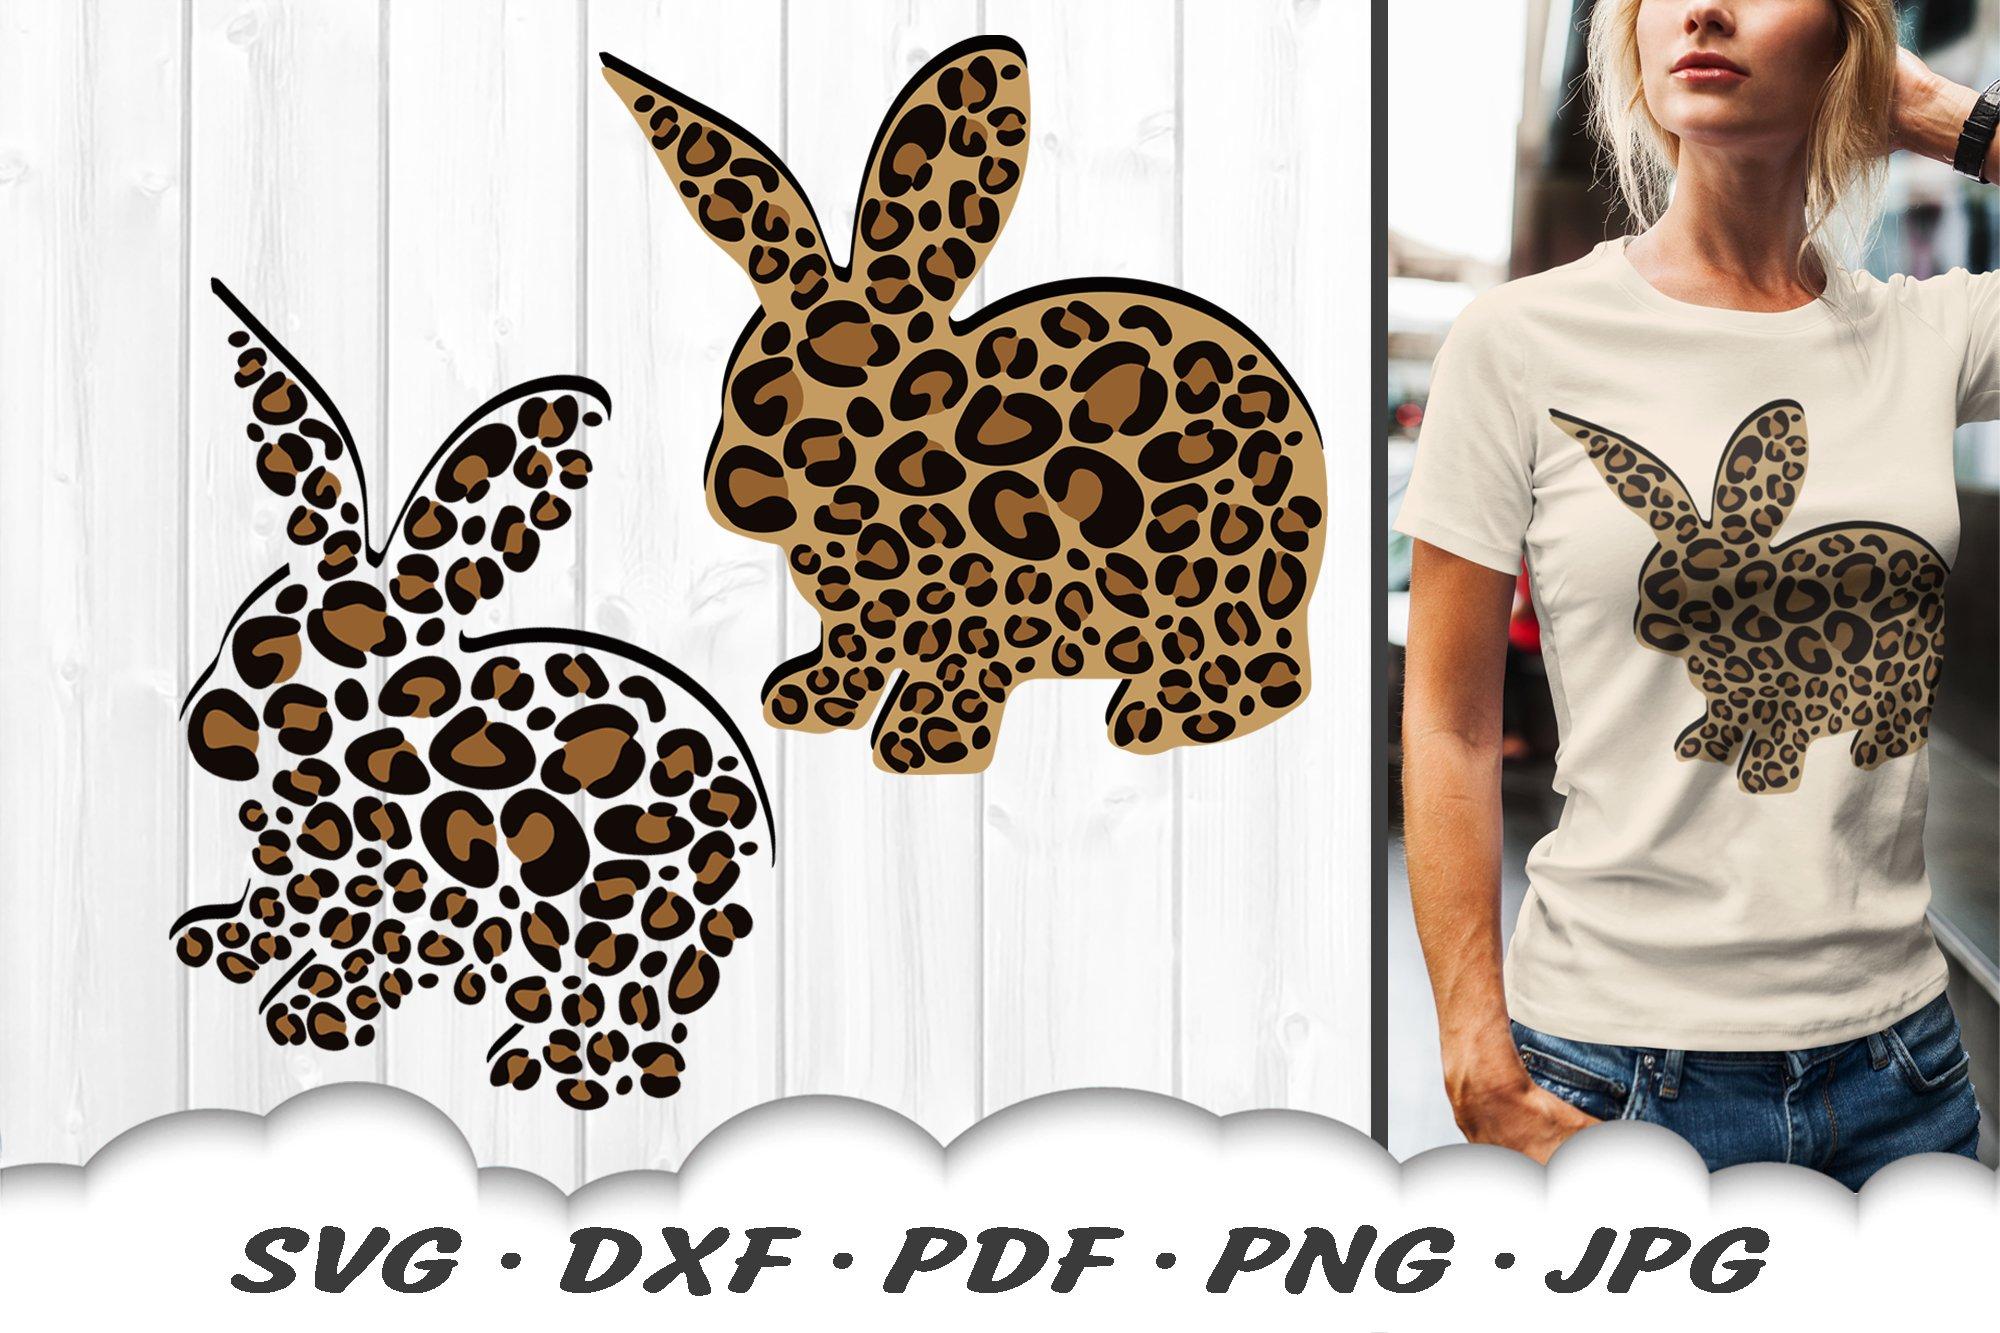 Leopard Print Easter Bunny Svg Dxf Cut Files 517184 Svgs Design Bundles